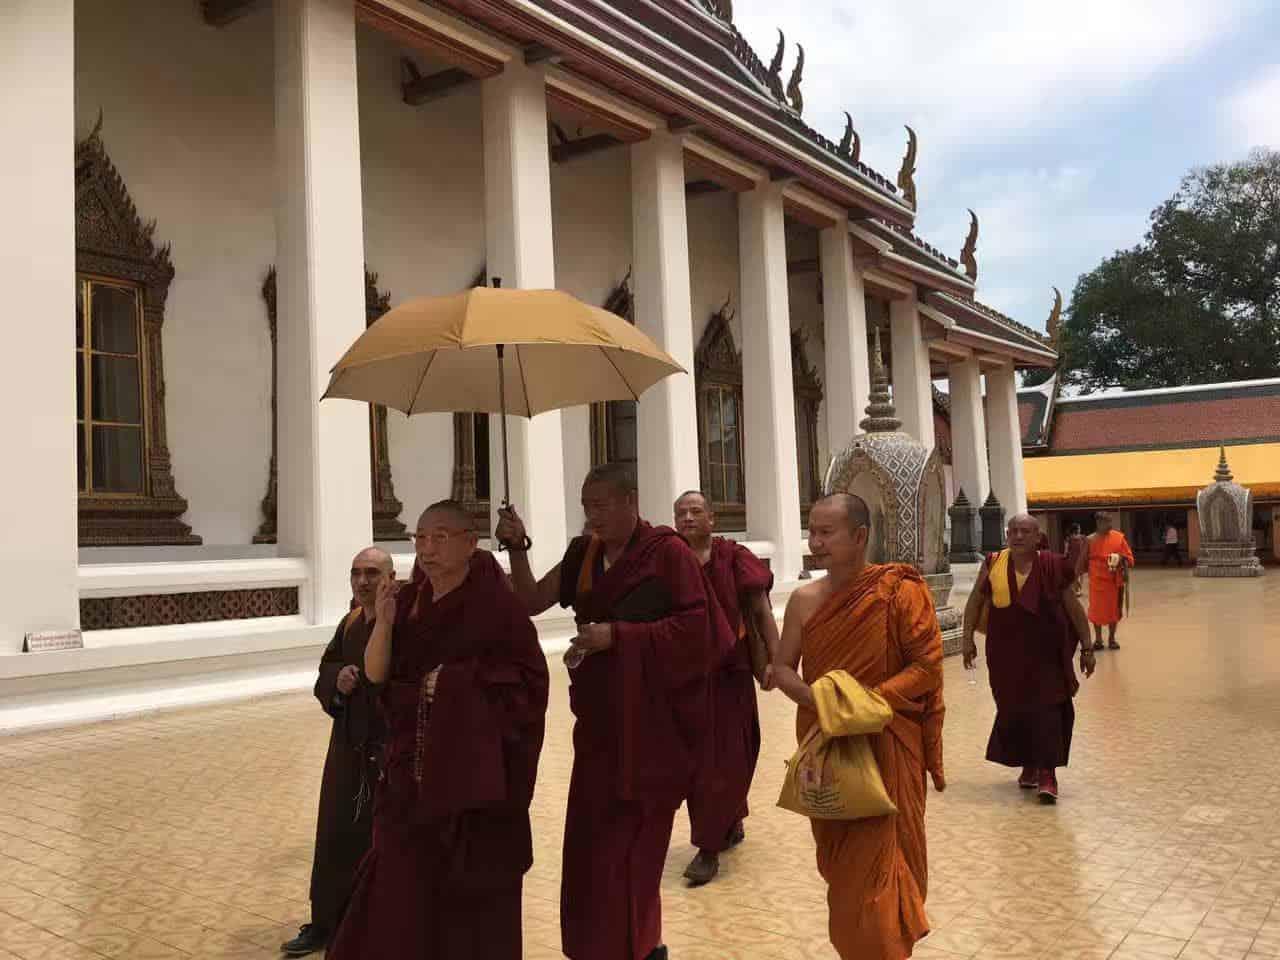 Gosok Rinpoche Thailand 2017 T028 c6a344f26f6fadf8571bef7e2247a54